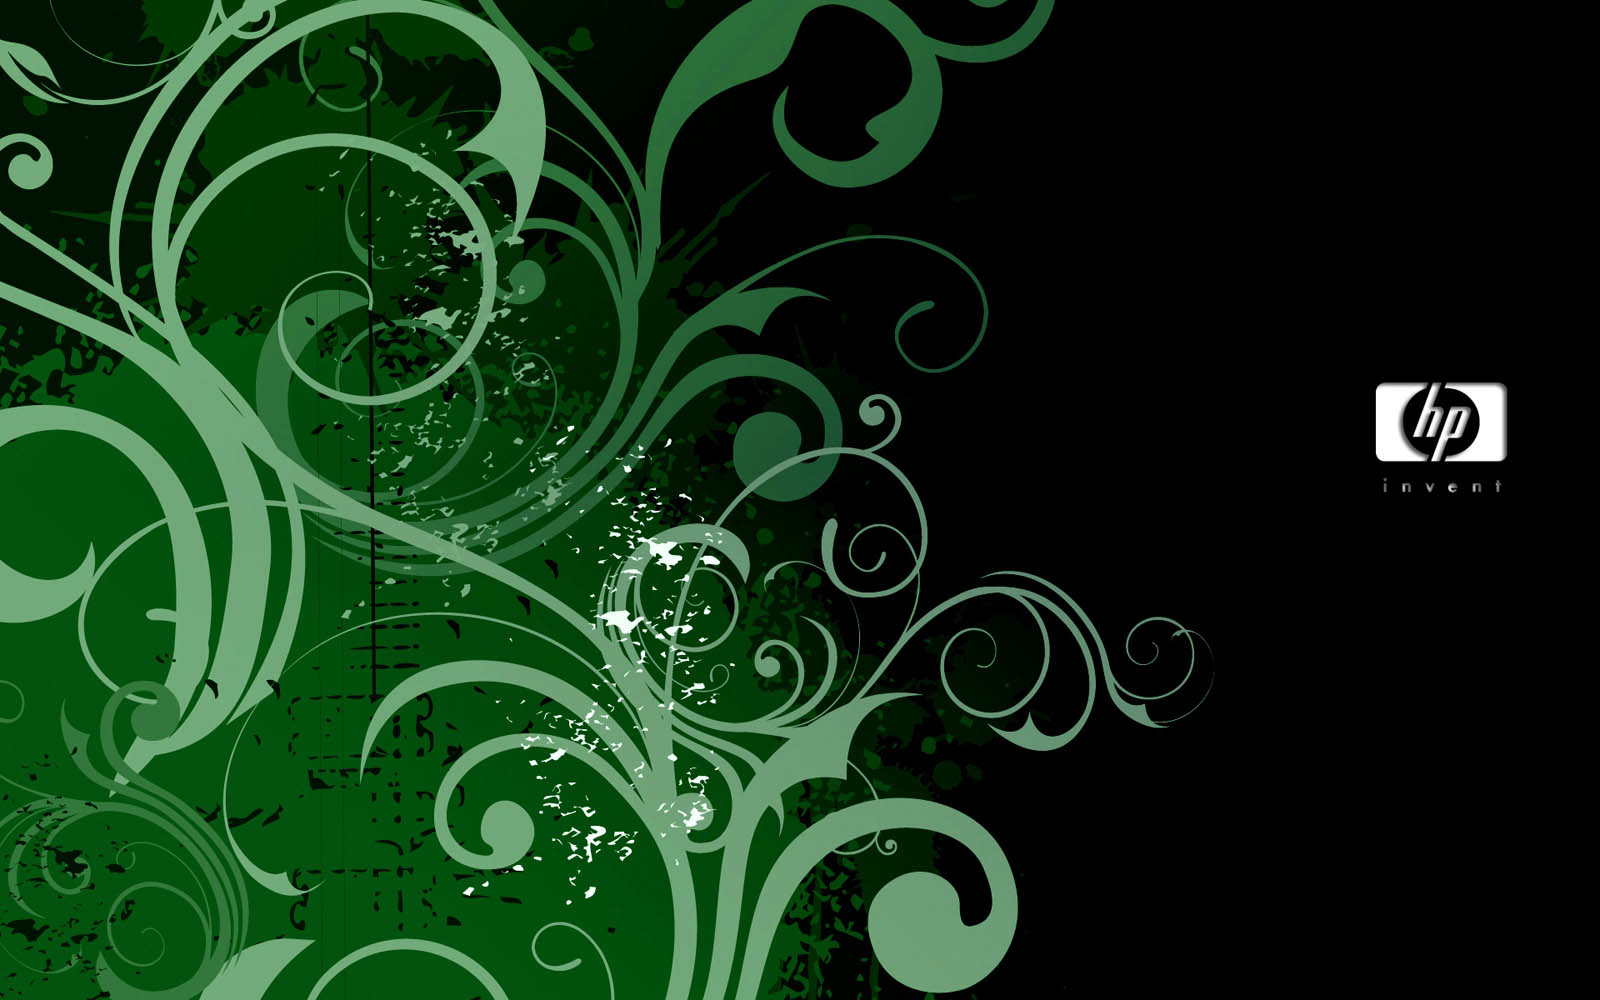 Wallpaper hp wallpapers - Hp screensaver ...